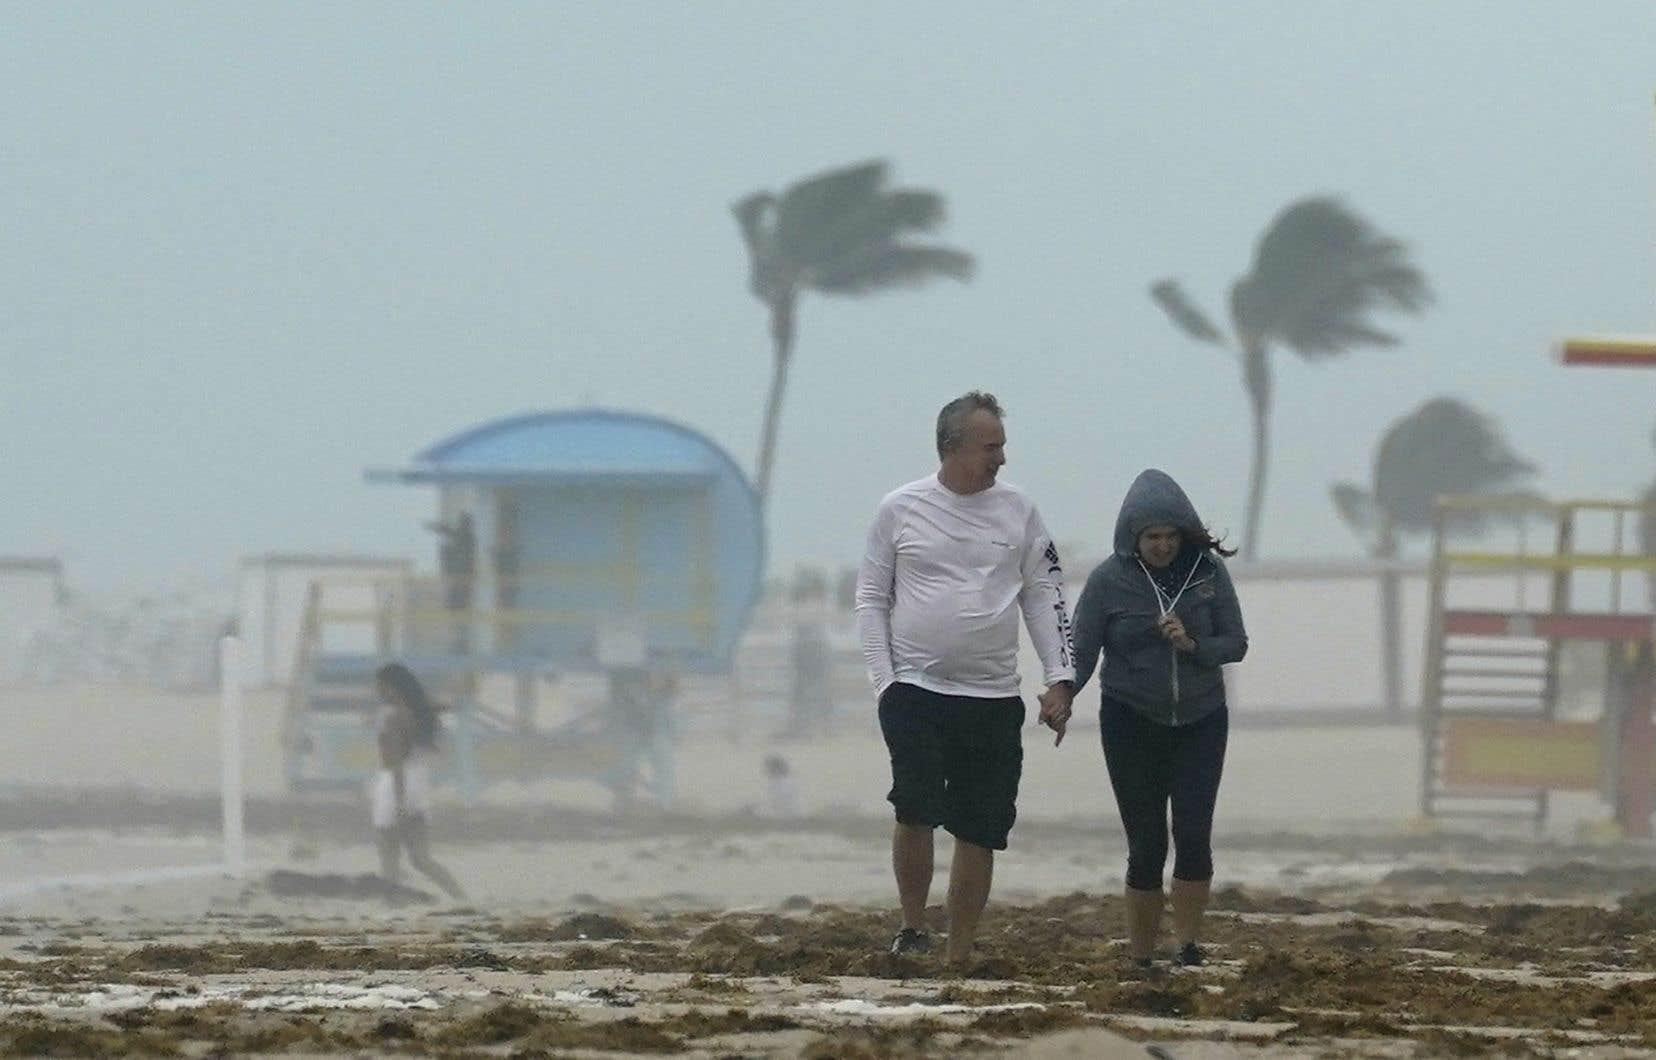 La tempête  tropicale se  faisait déjà  sentir dimanche soir à Miami Beach. Les  écoles seront fermées lundi dans les Keys, où l'état  d'urgence a  été déclaré.